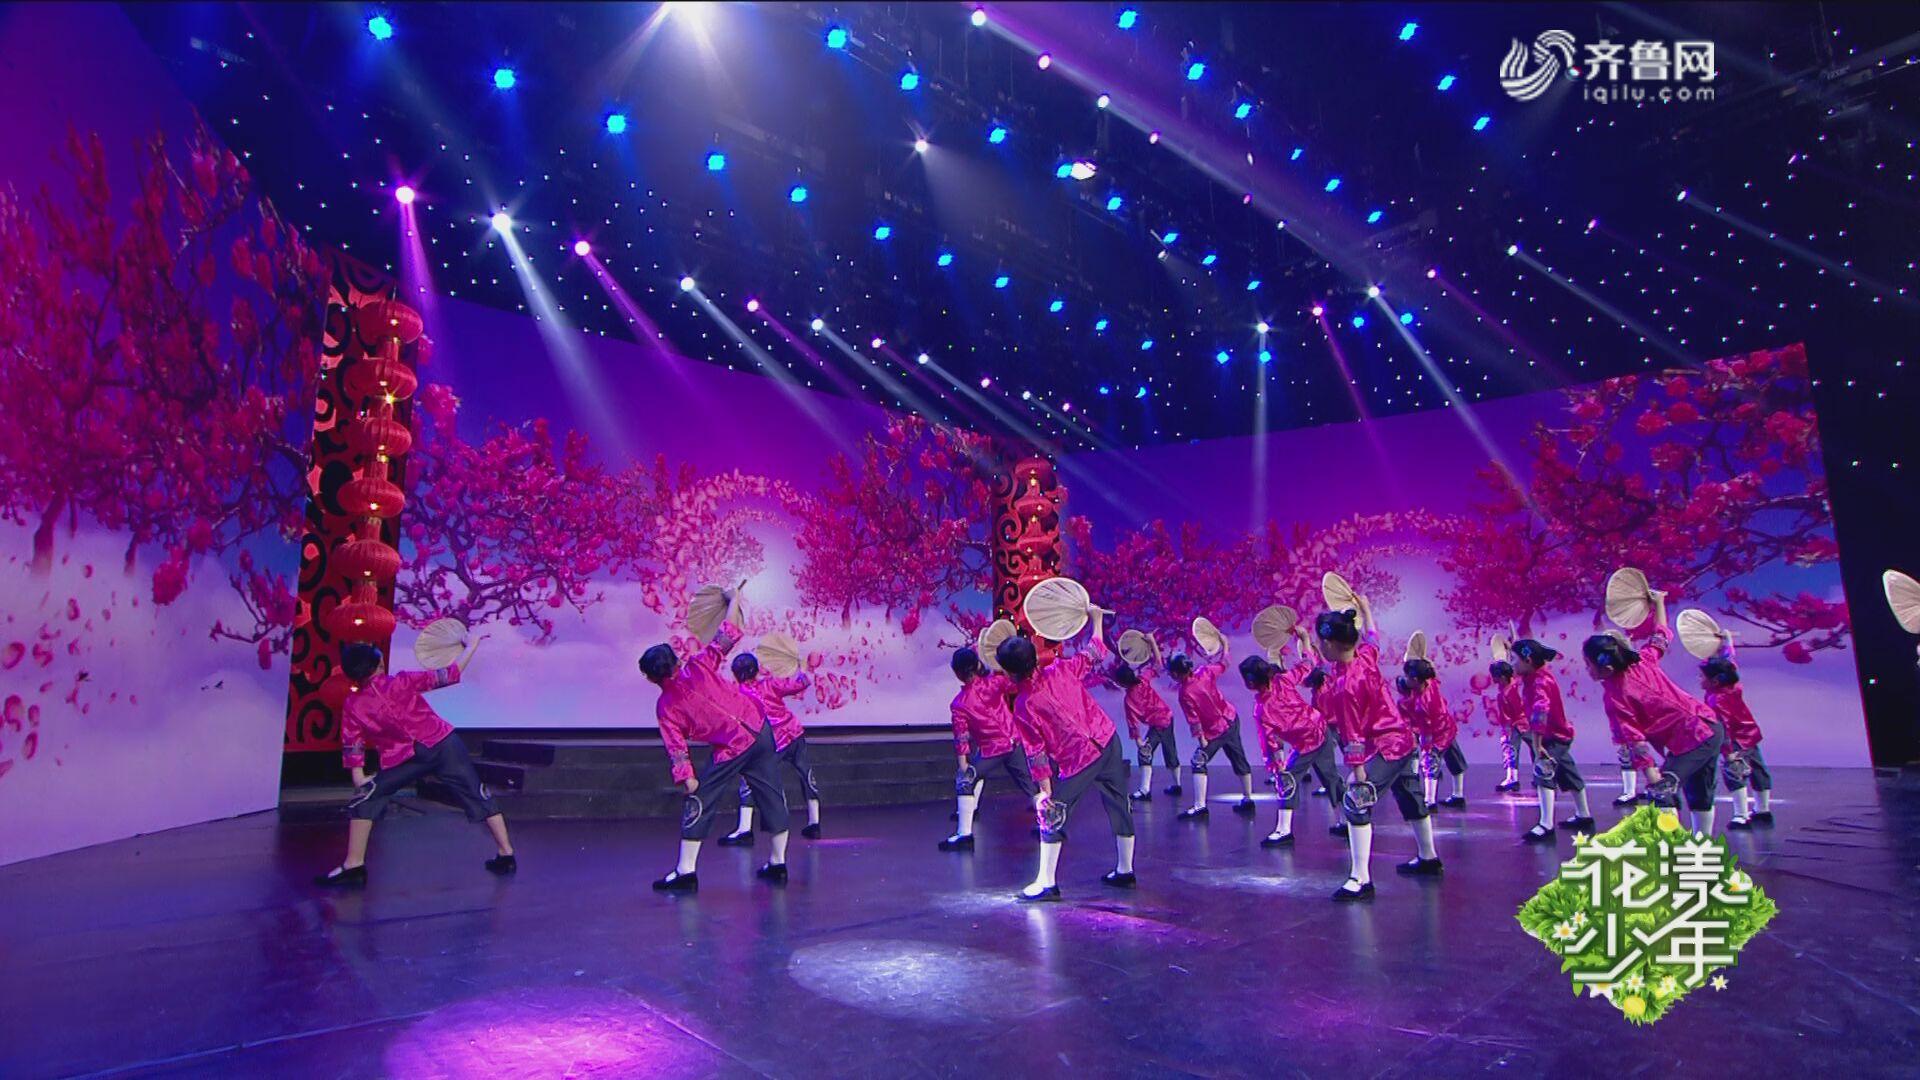 舞蹈《俏阿婆》——2019山东广播电视台少儿春节大联欢优秀节目展播